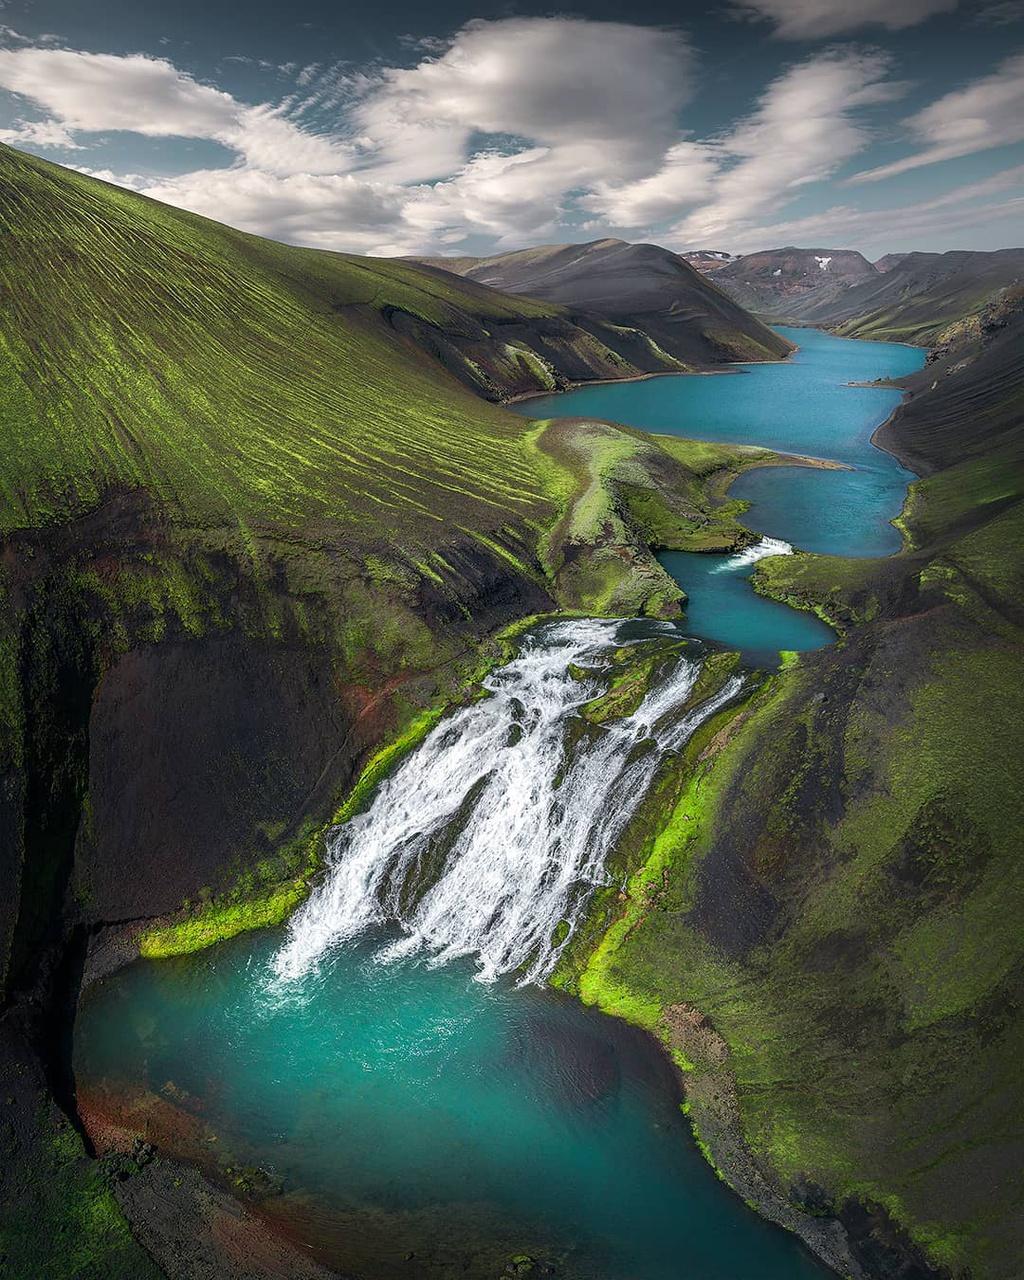 Iceland là đất nước sở hữu sự đa dạng về cảnh quan hàng đầu thế giới. Được định hình bởi hàng nghìn năm hoạt động của núi lửa, thời tiết khắc nghiệt và hoạt động của các sông băng hùng vĩ, phong cảnh của đảo quốc thiên biến vạn hóa đầy ngoạn mục.